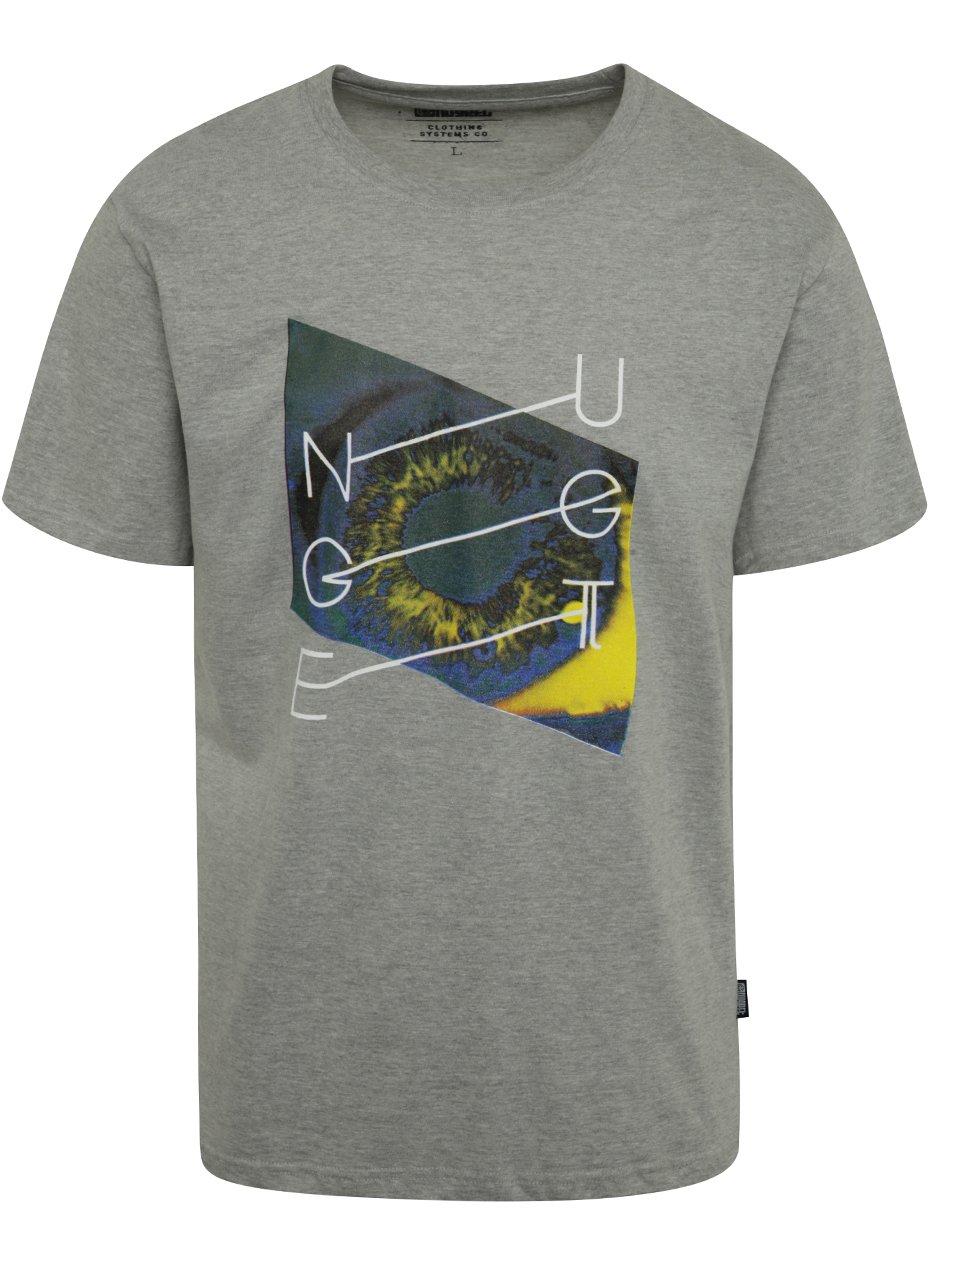 Šedé pánské triko s potiskem NUGGET Chrono